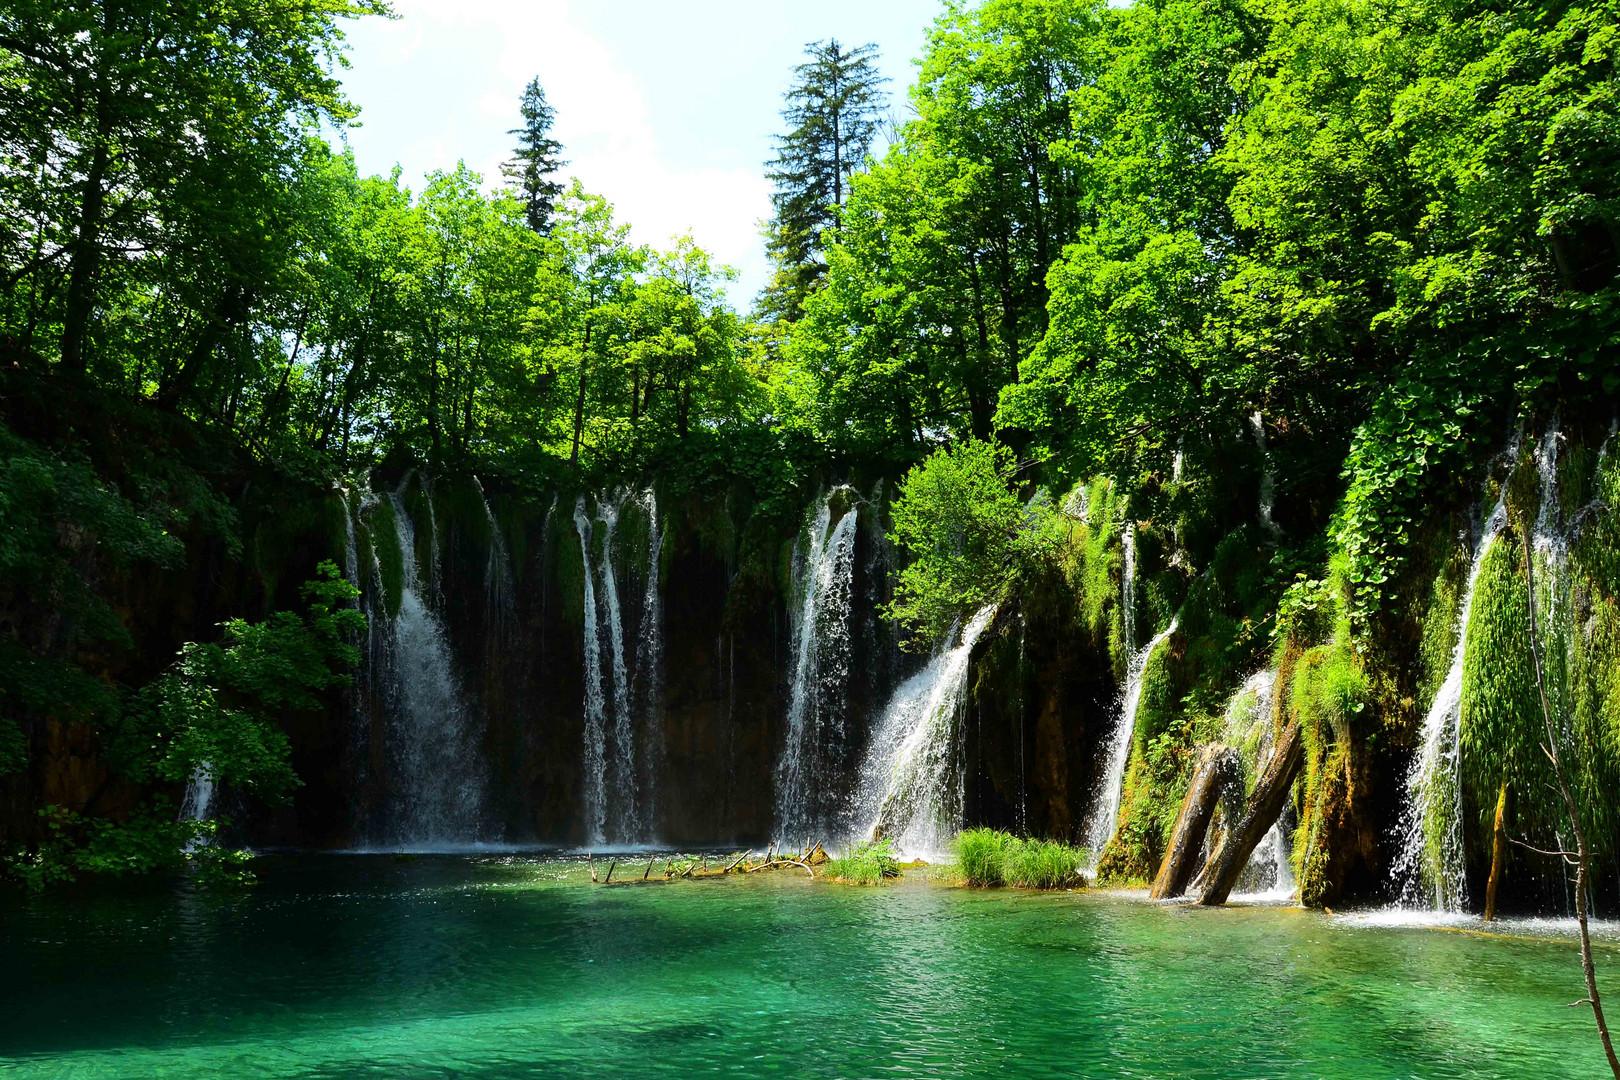 Wasserfälle ohne Ende!